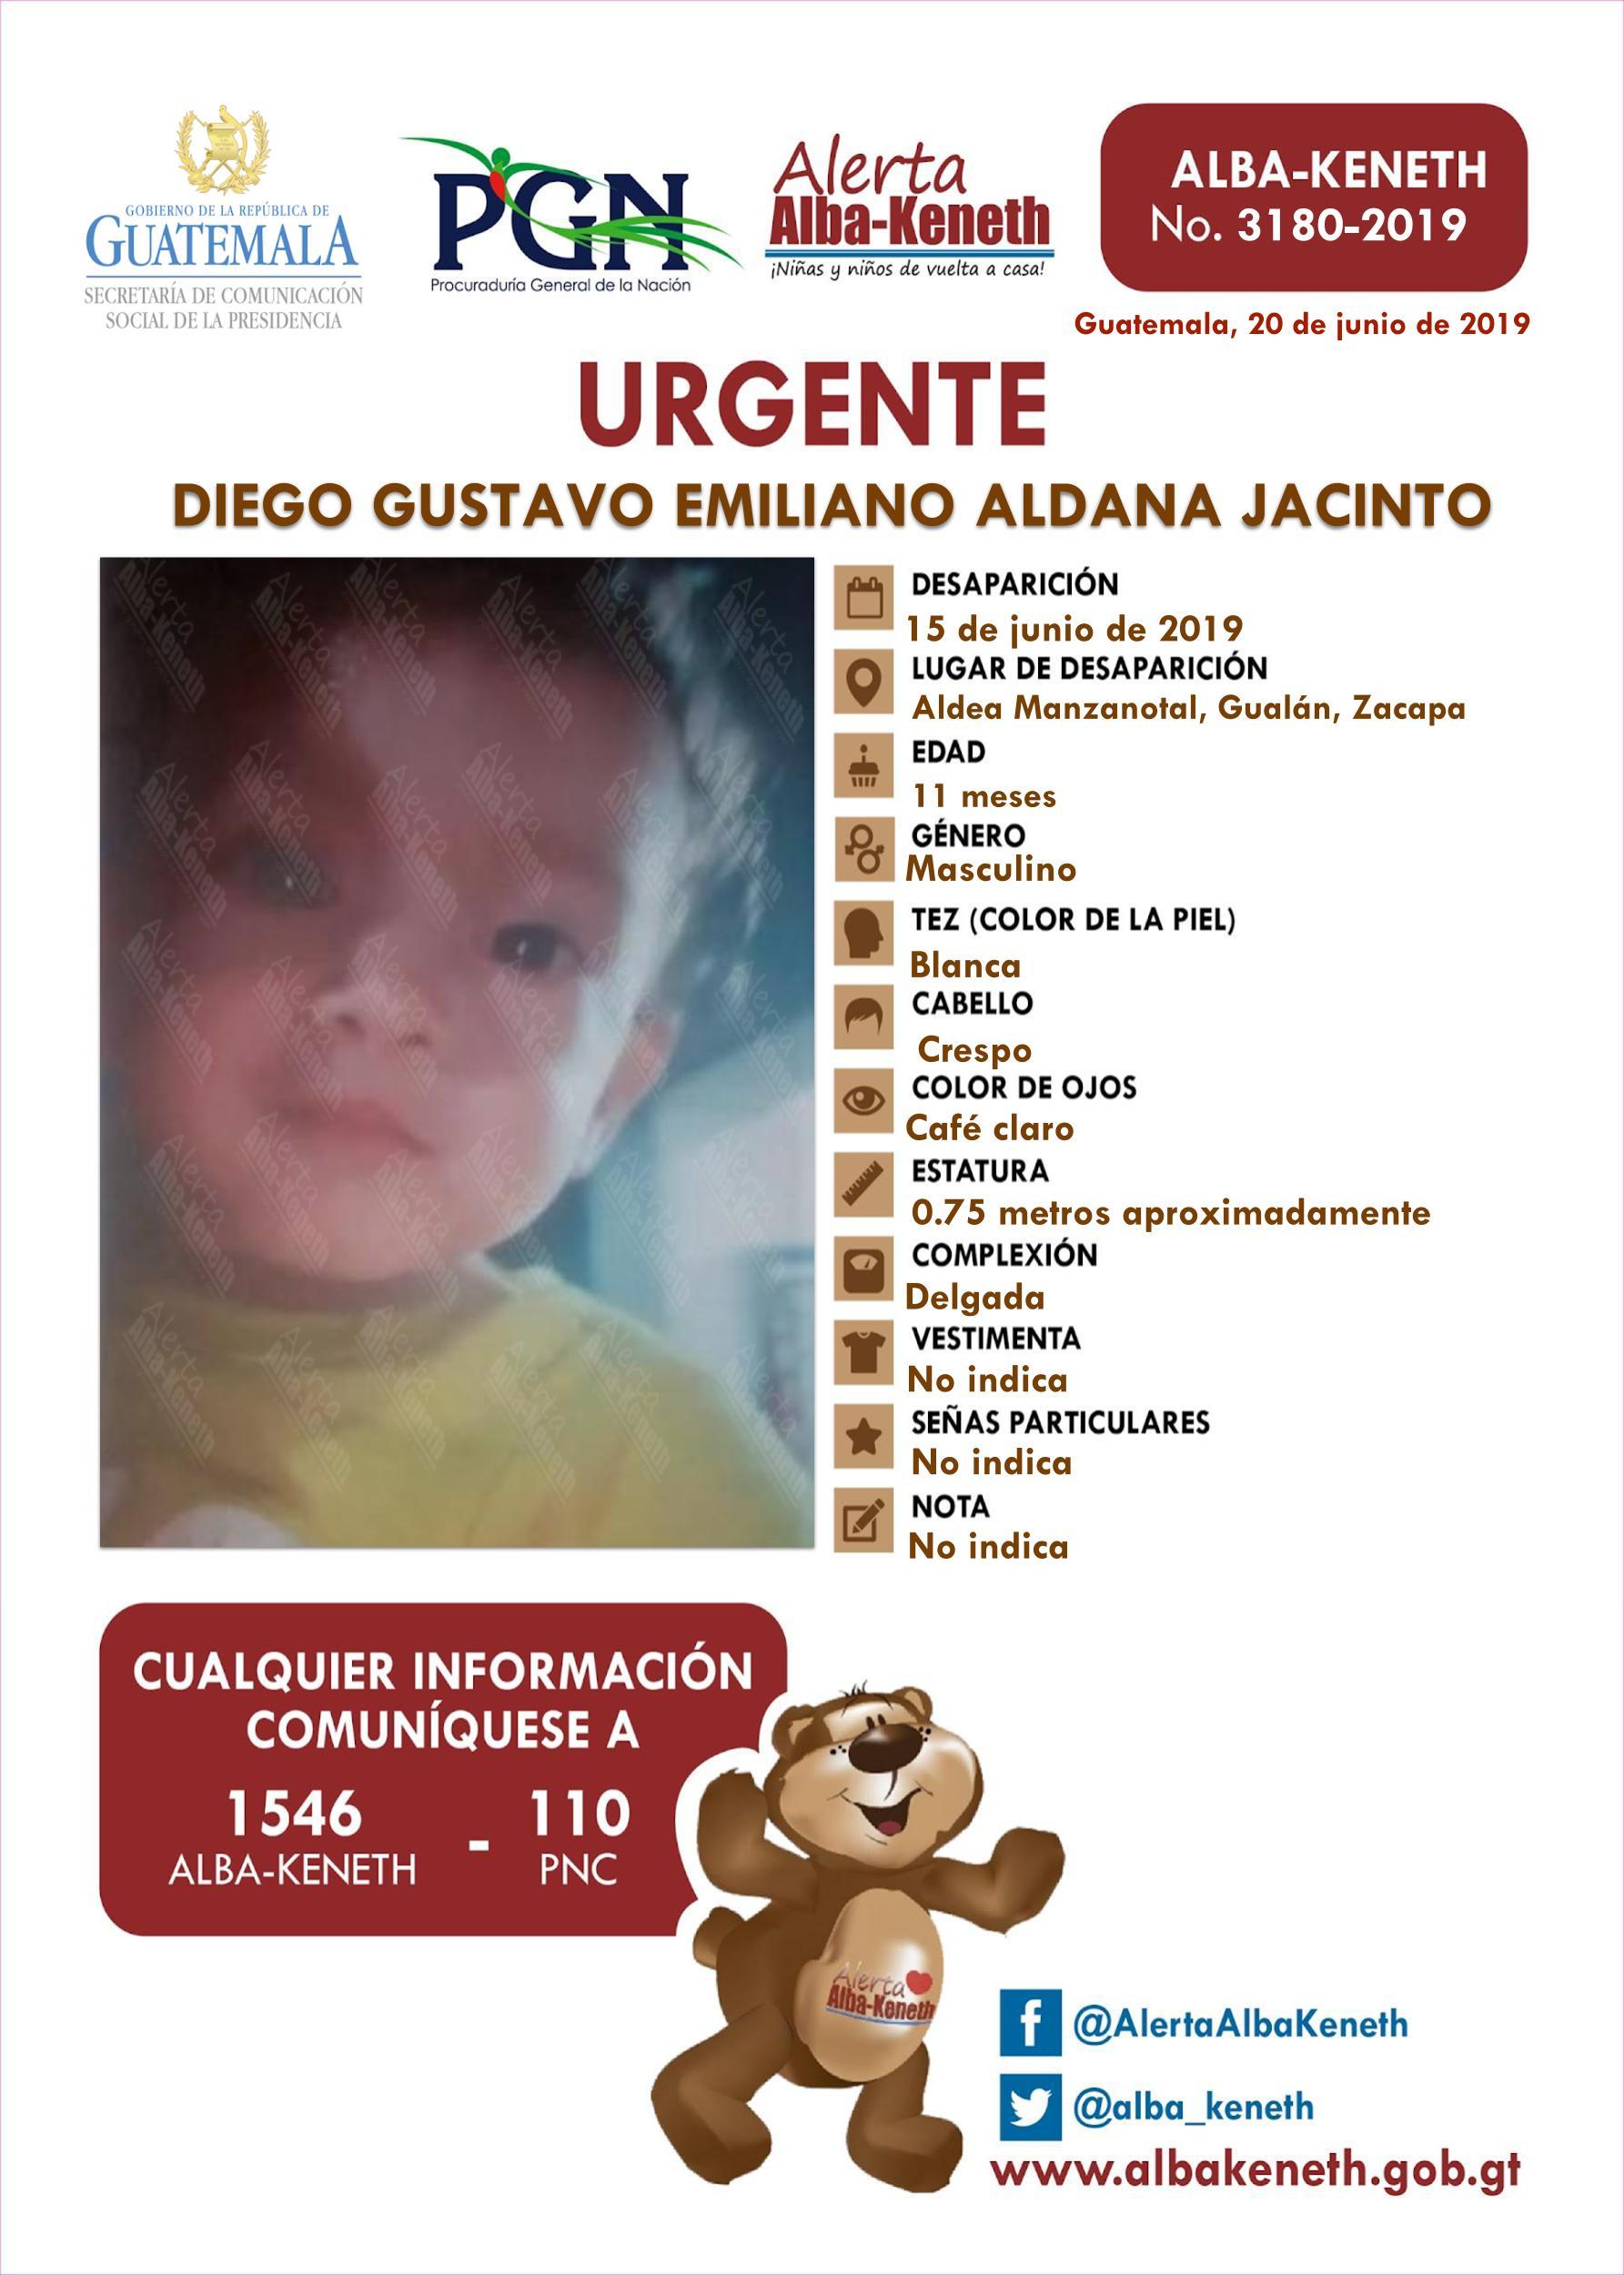 Diego Gustavo Emiliano Aldana Jacinto